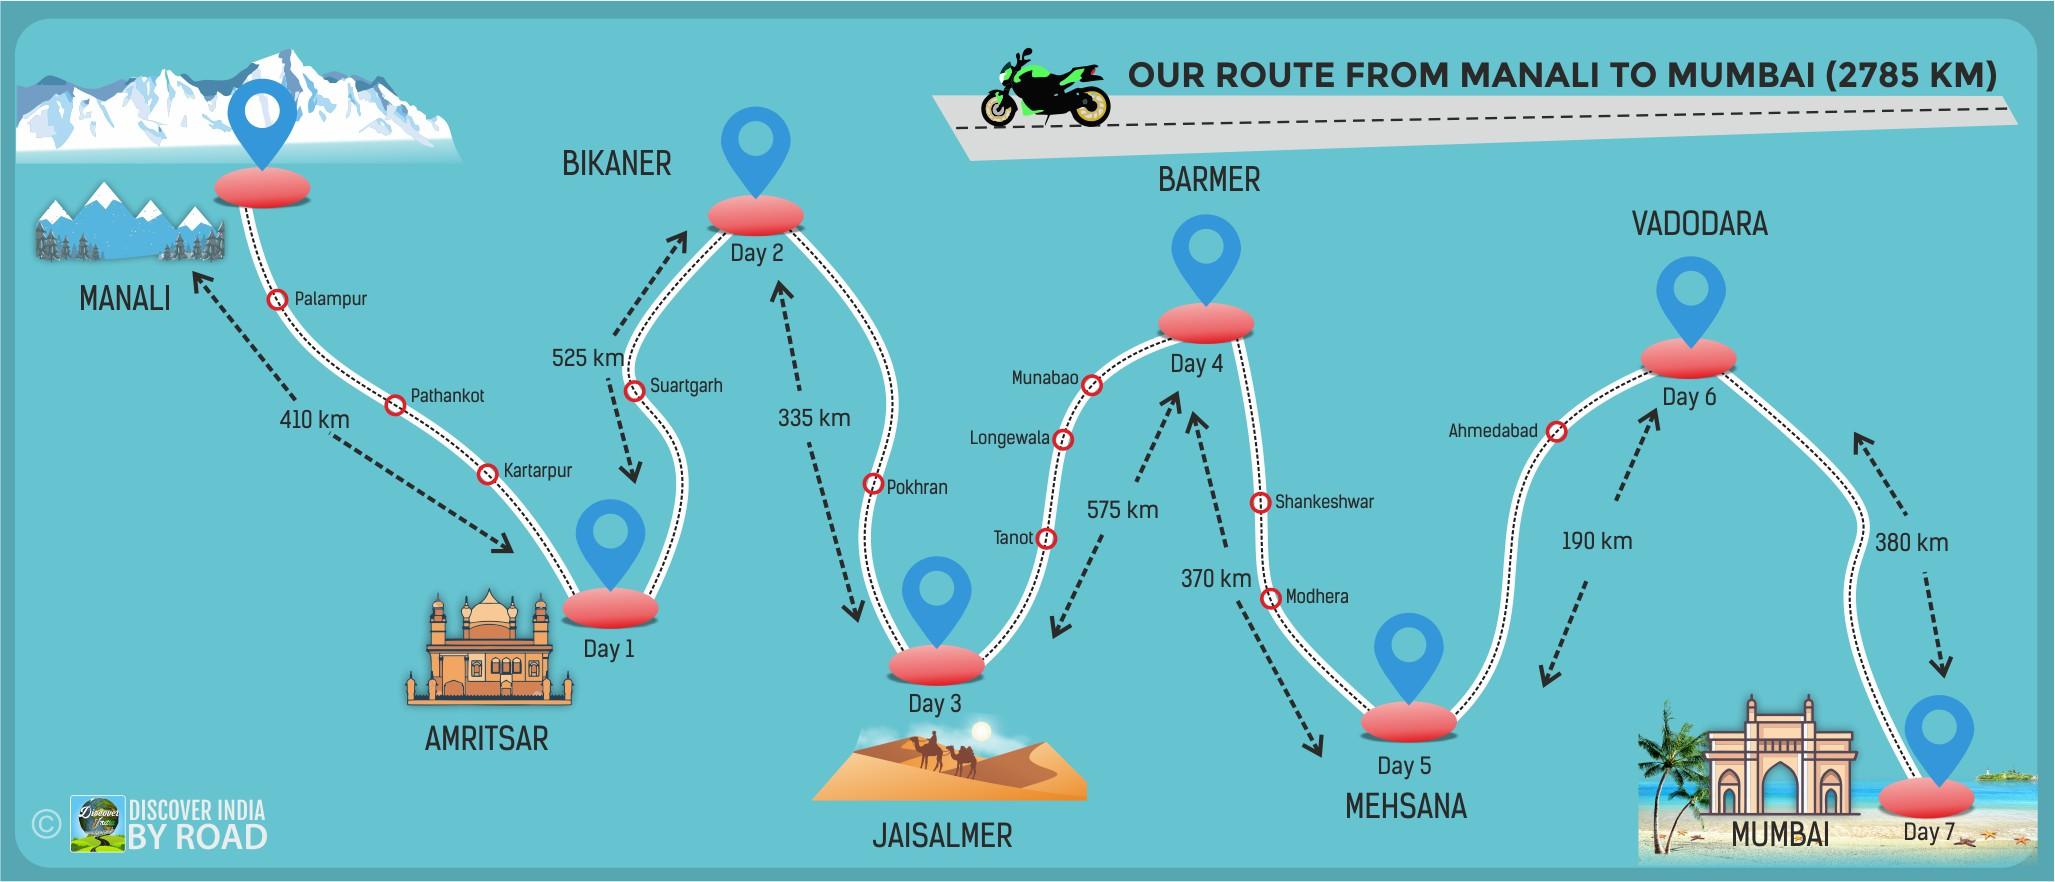 Manali to Mumbai return Route